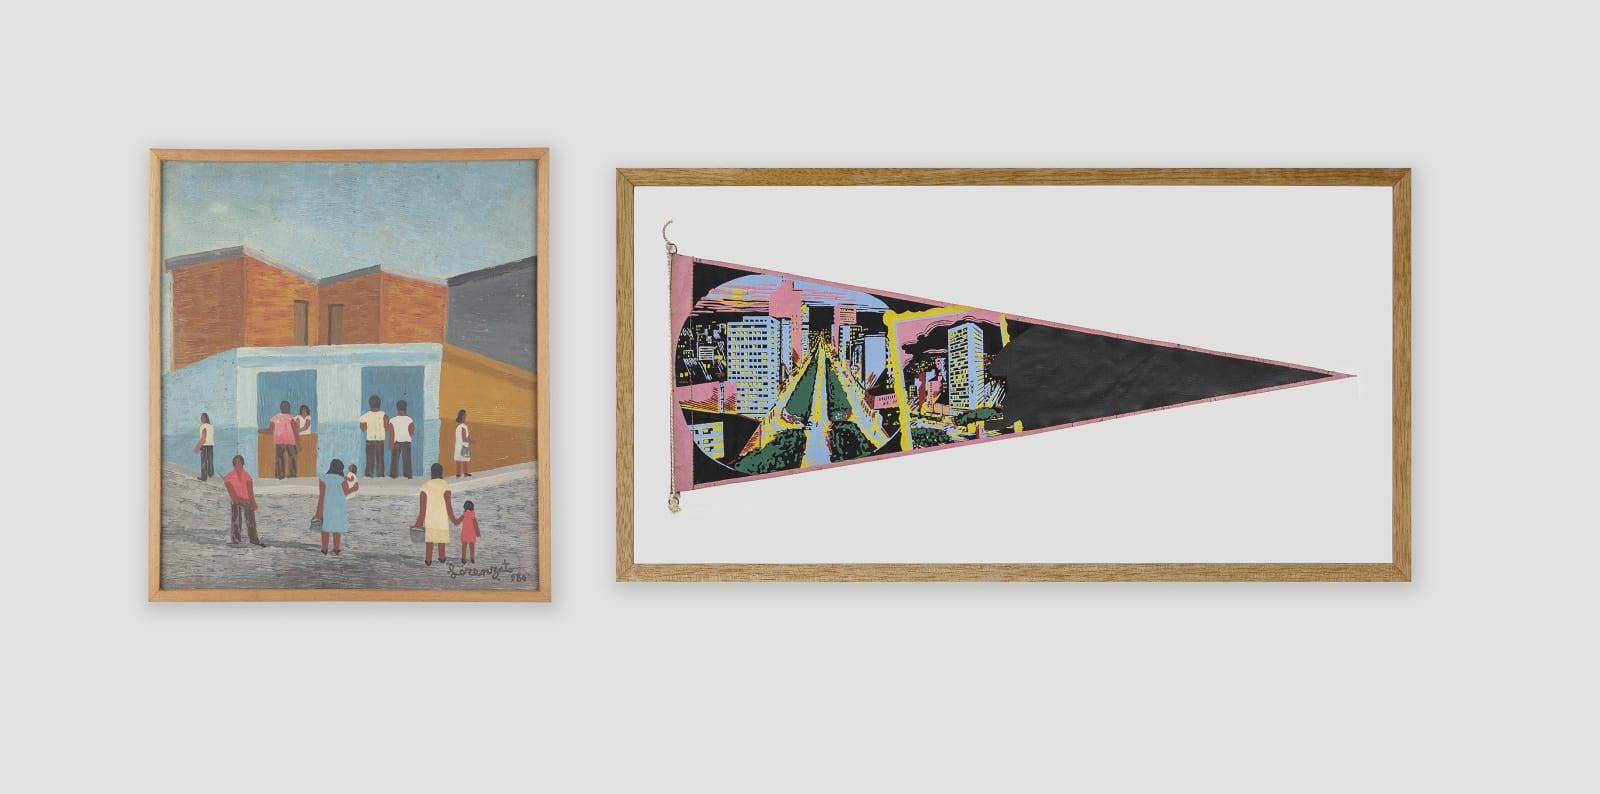 LORENZATO Venda, 1980 Óleo sobre tela e madeira 35 x 31 cm BRUNO FARIA Lembranças de Paisagem I Belo Horizonte, 2020 Pintura e serigrafia sobre tecido 32 x 61,5 cm